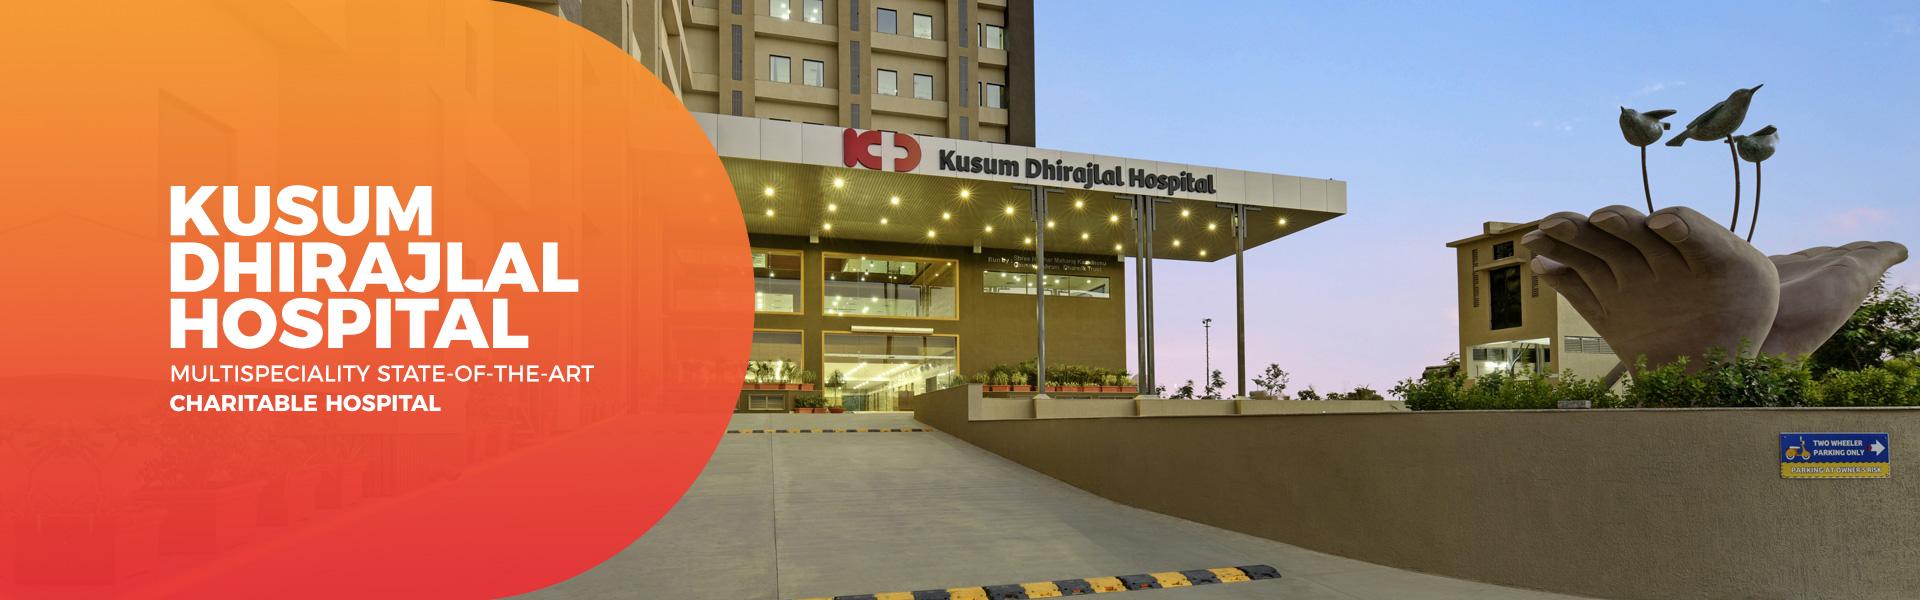 KD Hospital Social Media